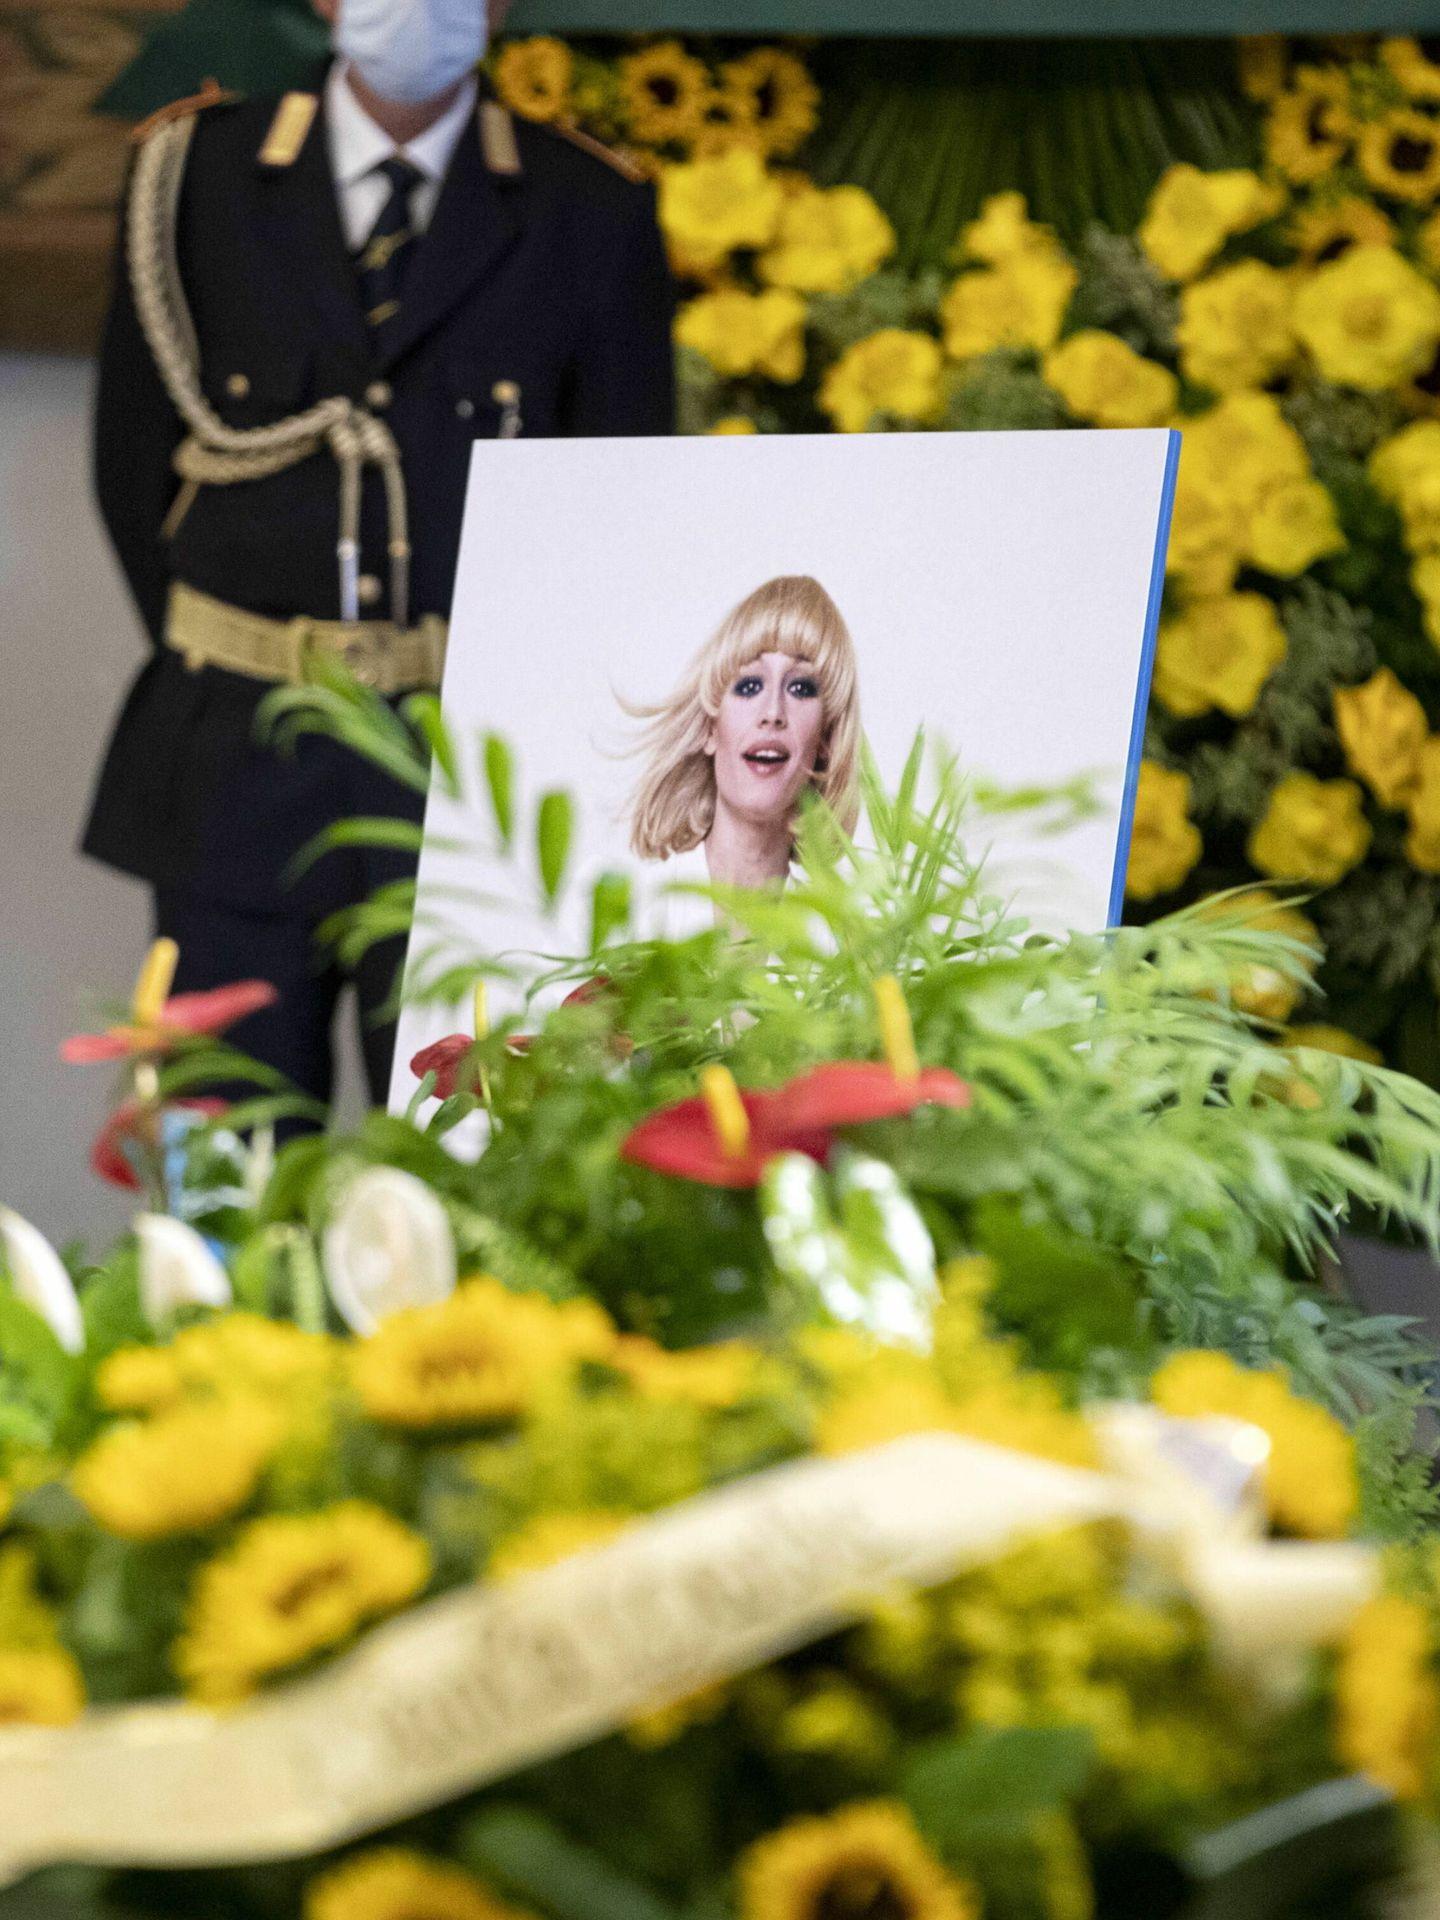 El féretro de Raffaella Carrà, cubierto de flores y con una imagen de la artista. (Reuters)